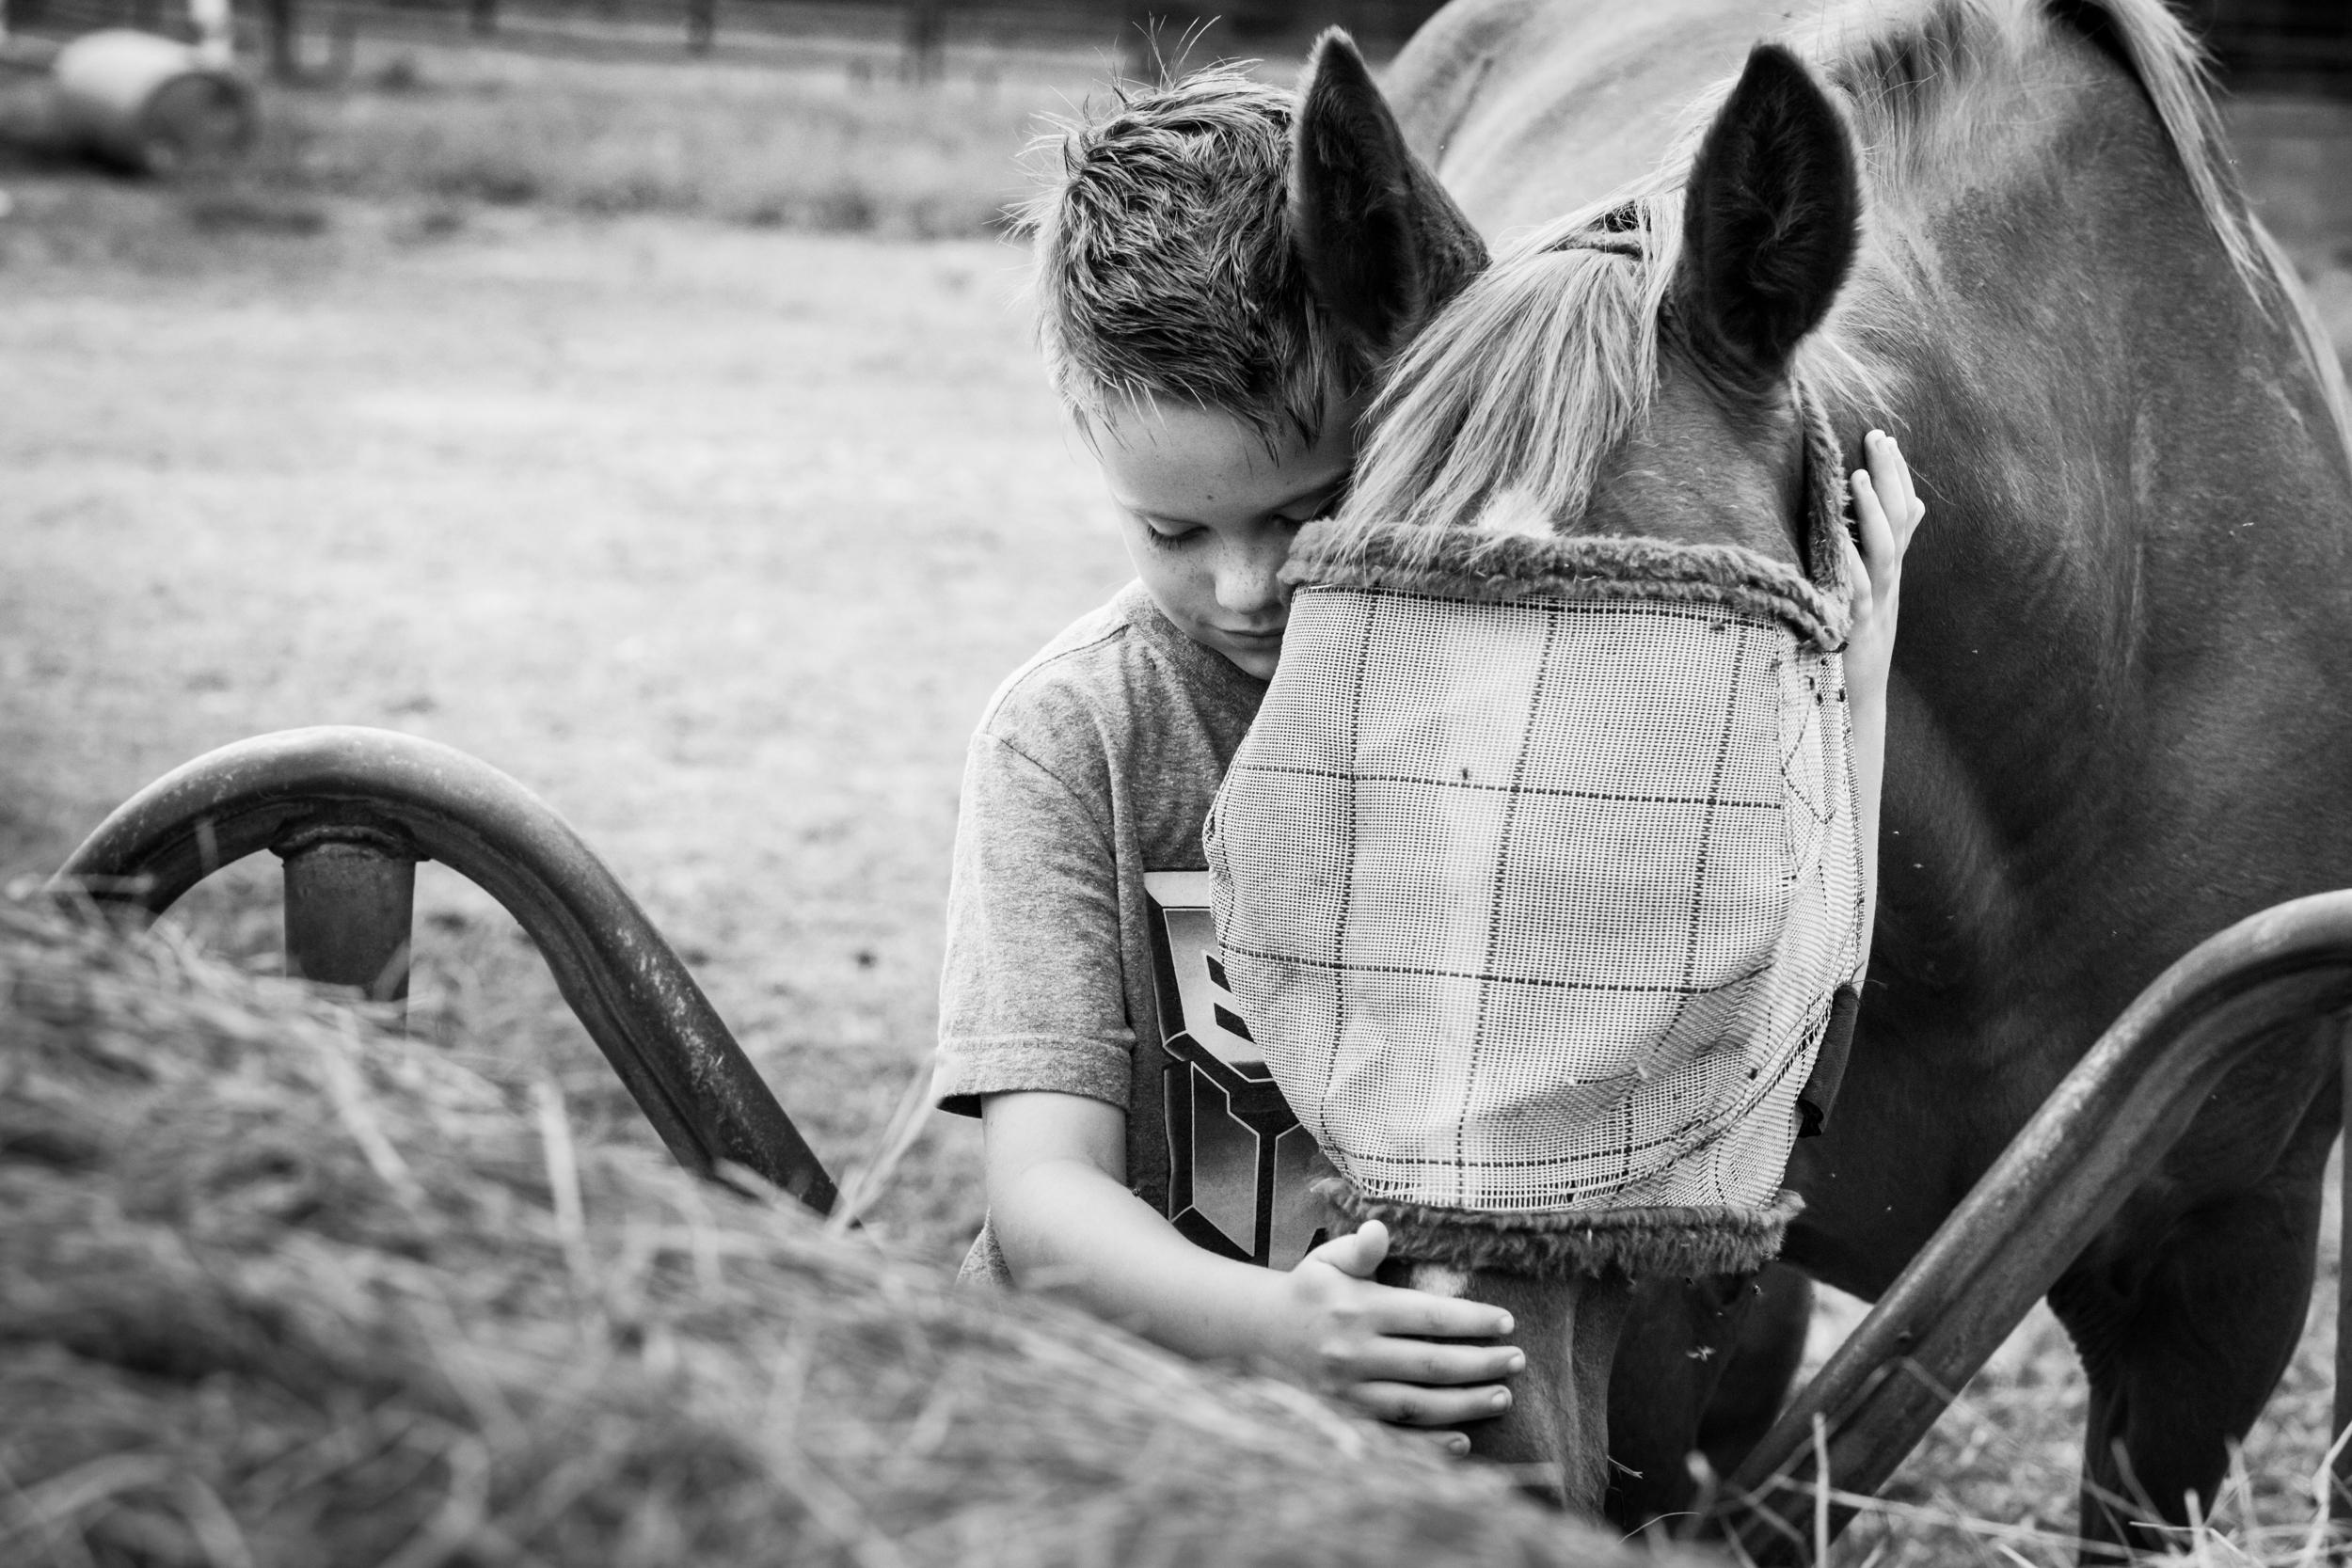 jacksonville-family-photographer-documentary-4.jpg